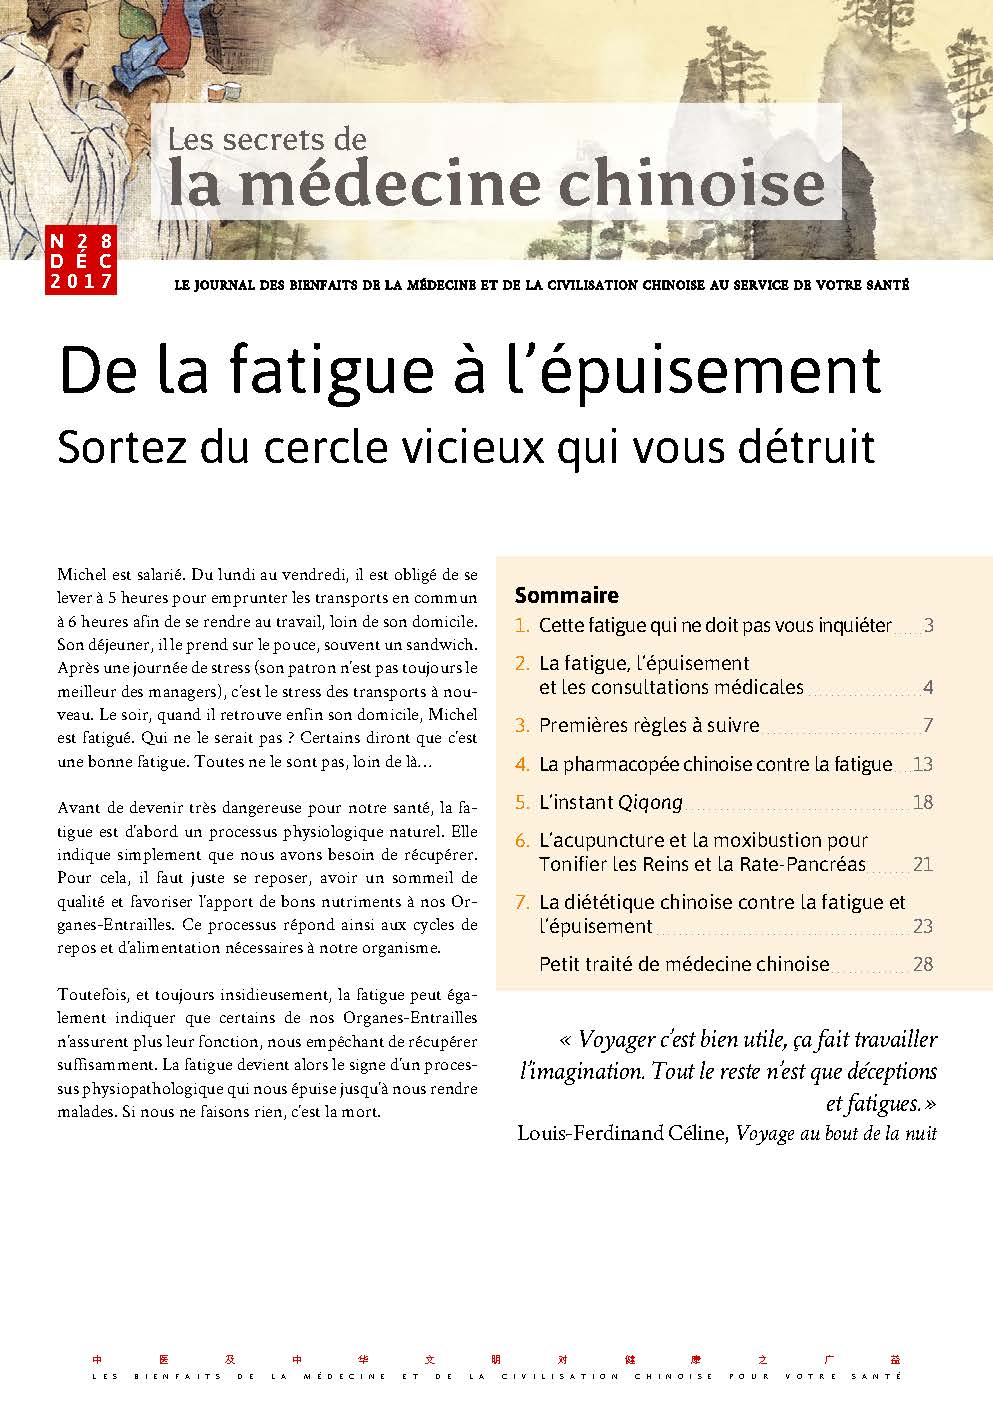 28-Decembre-2017-De-la-fatigue-a-l-epuisement-SD-uf